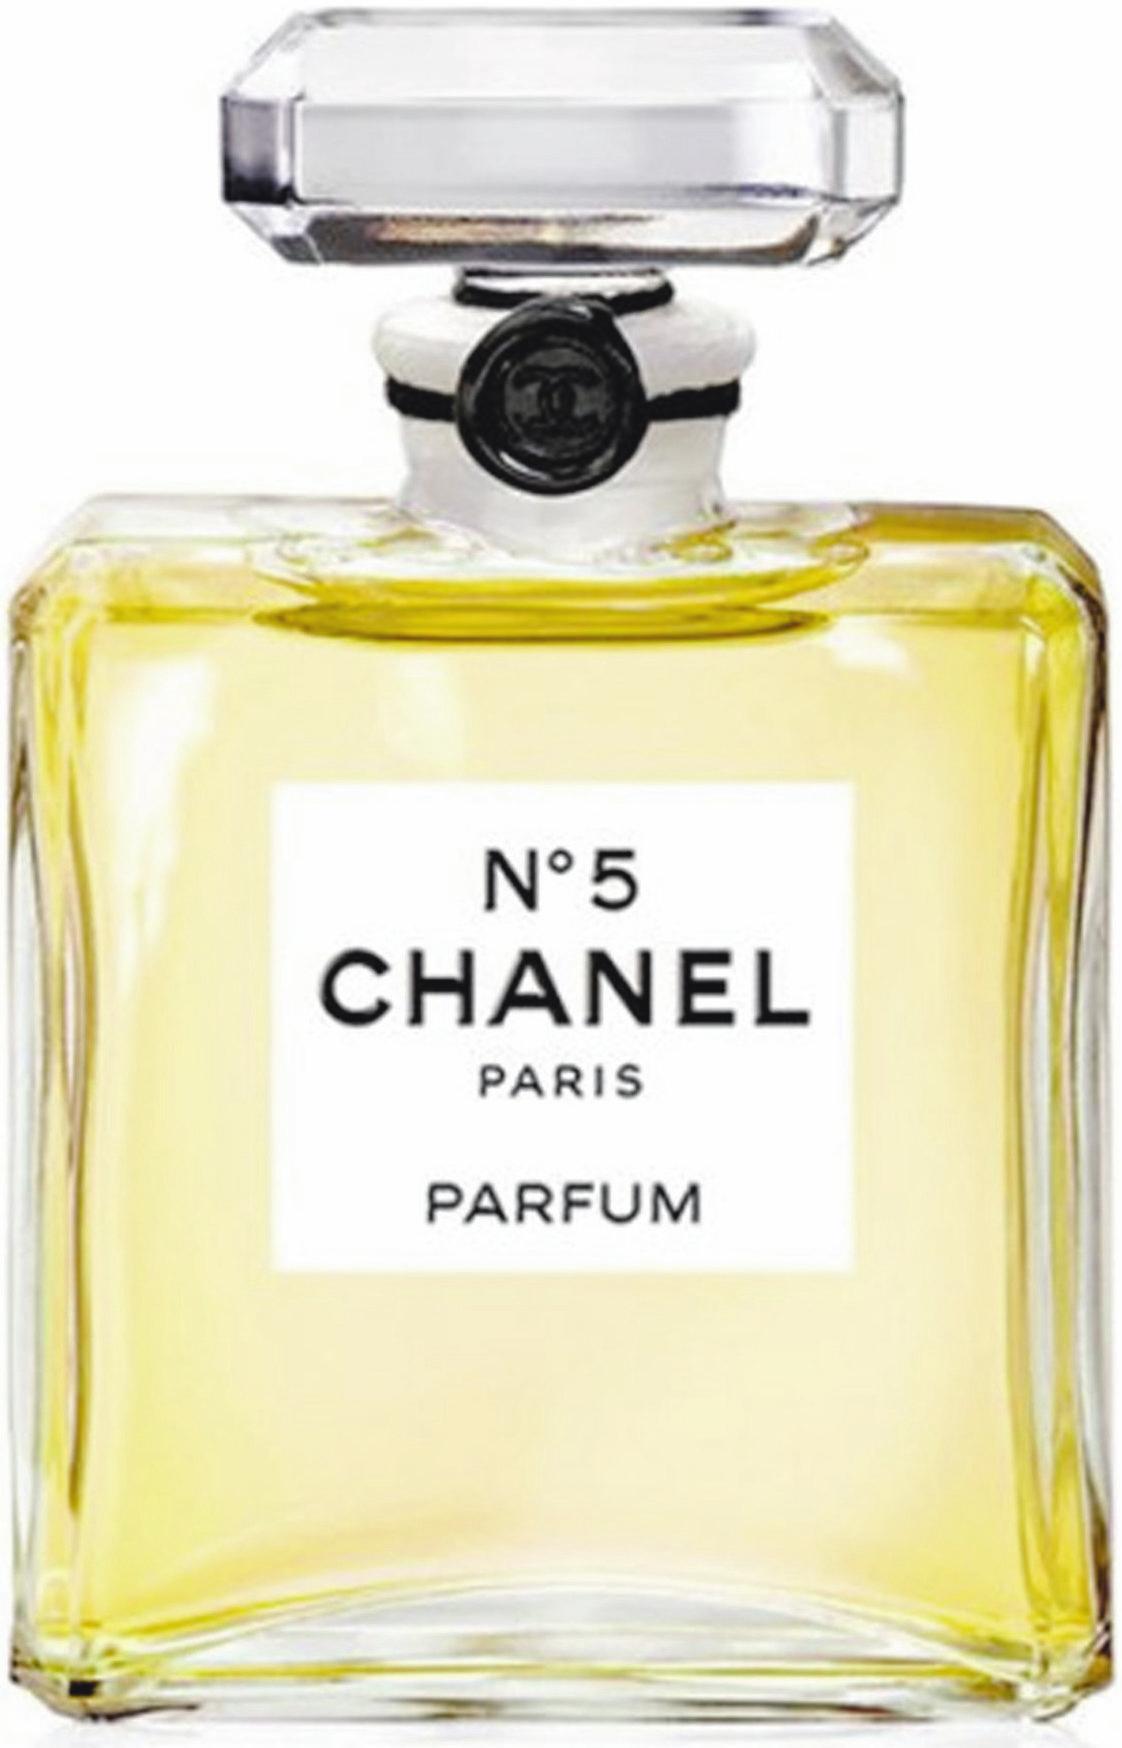 Parfüm unterm Christbaum Image 1